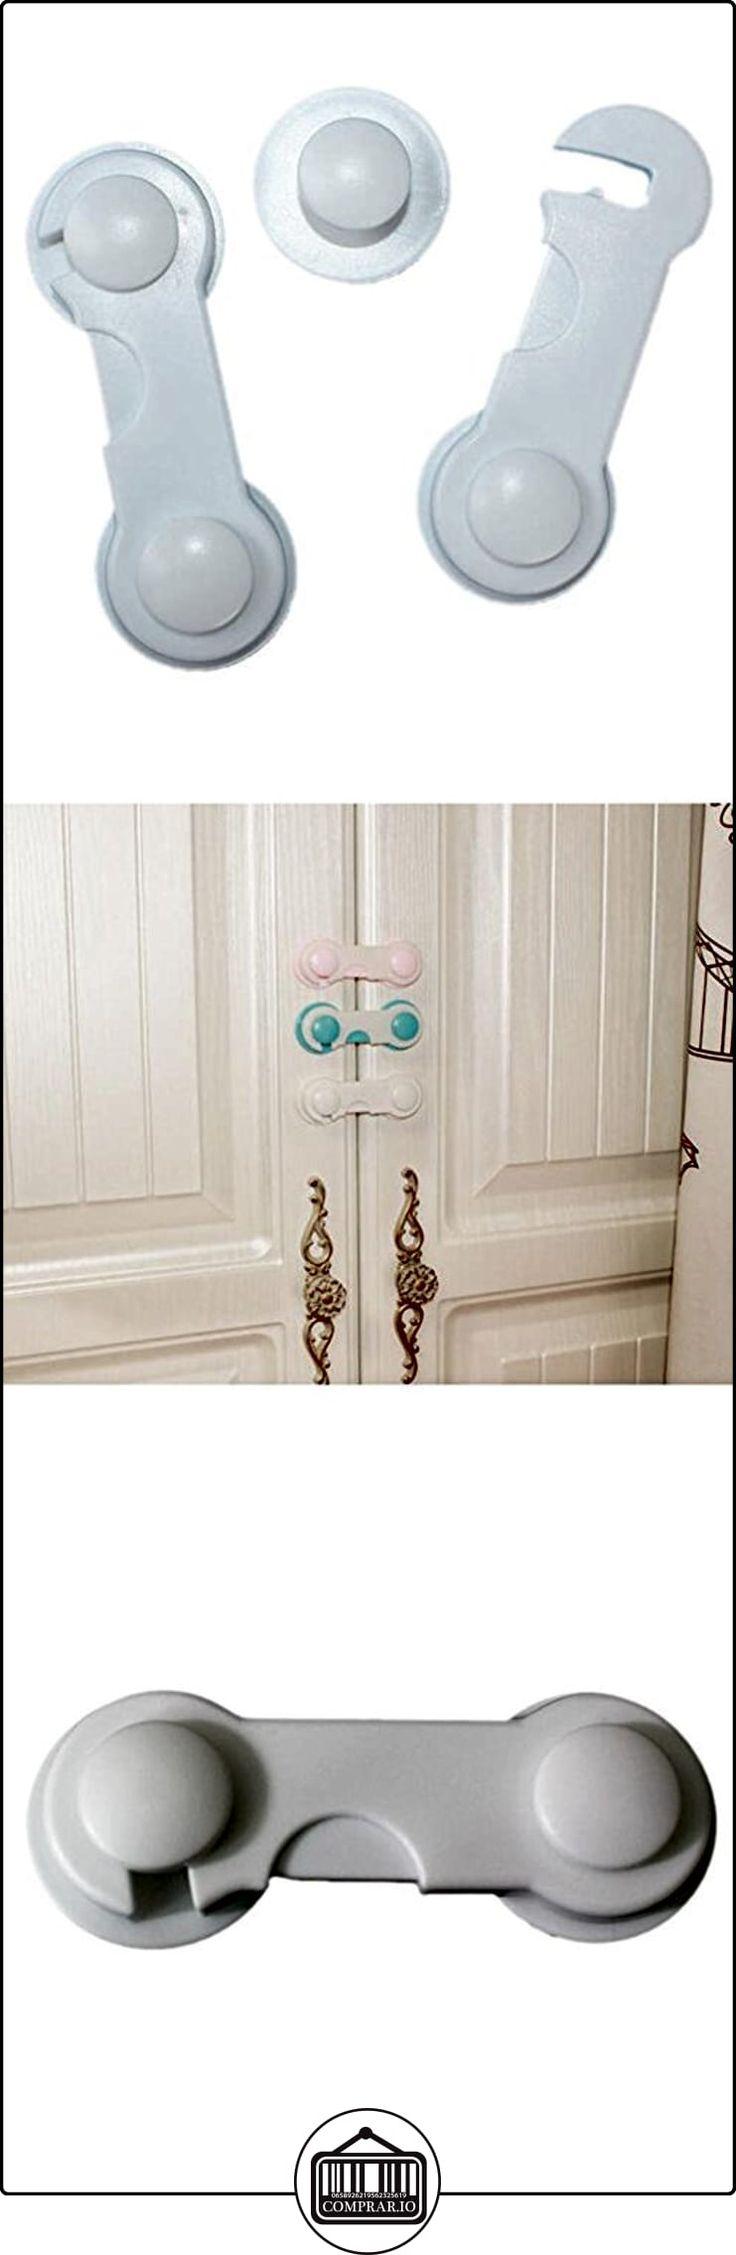 Highdas Gabinete Cajón Refrigerador Frigorífico Armario Adhesivo Cerraduras de Seguridad Baby Clip de Clip de Prueba Blanco 6 Packs  ✿ Seguridad para tu bebé - (Protege a tus hijos) ✿ ▬► Ver oferta: http://comprar.io/goto/B01MS5H1LP